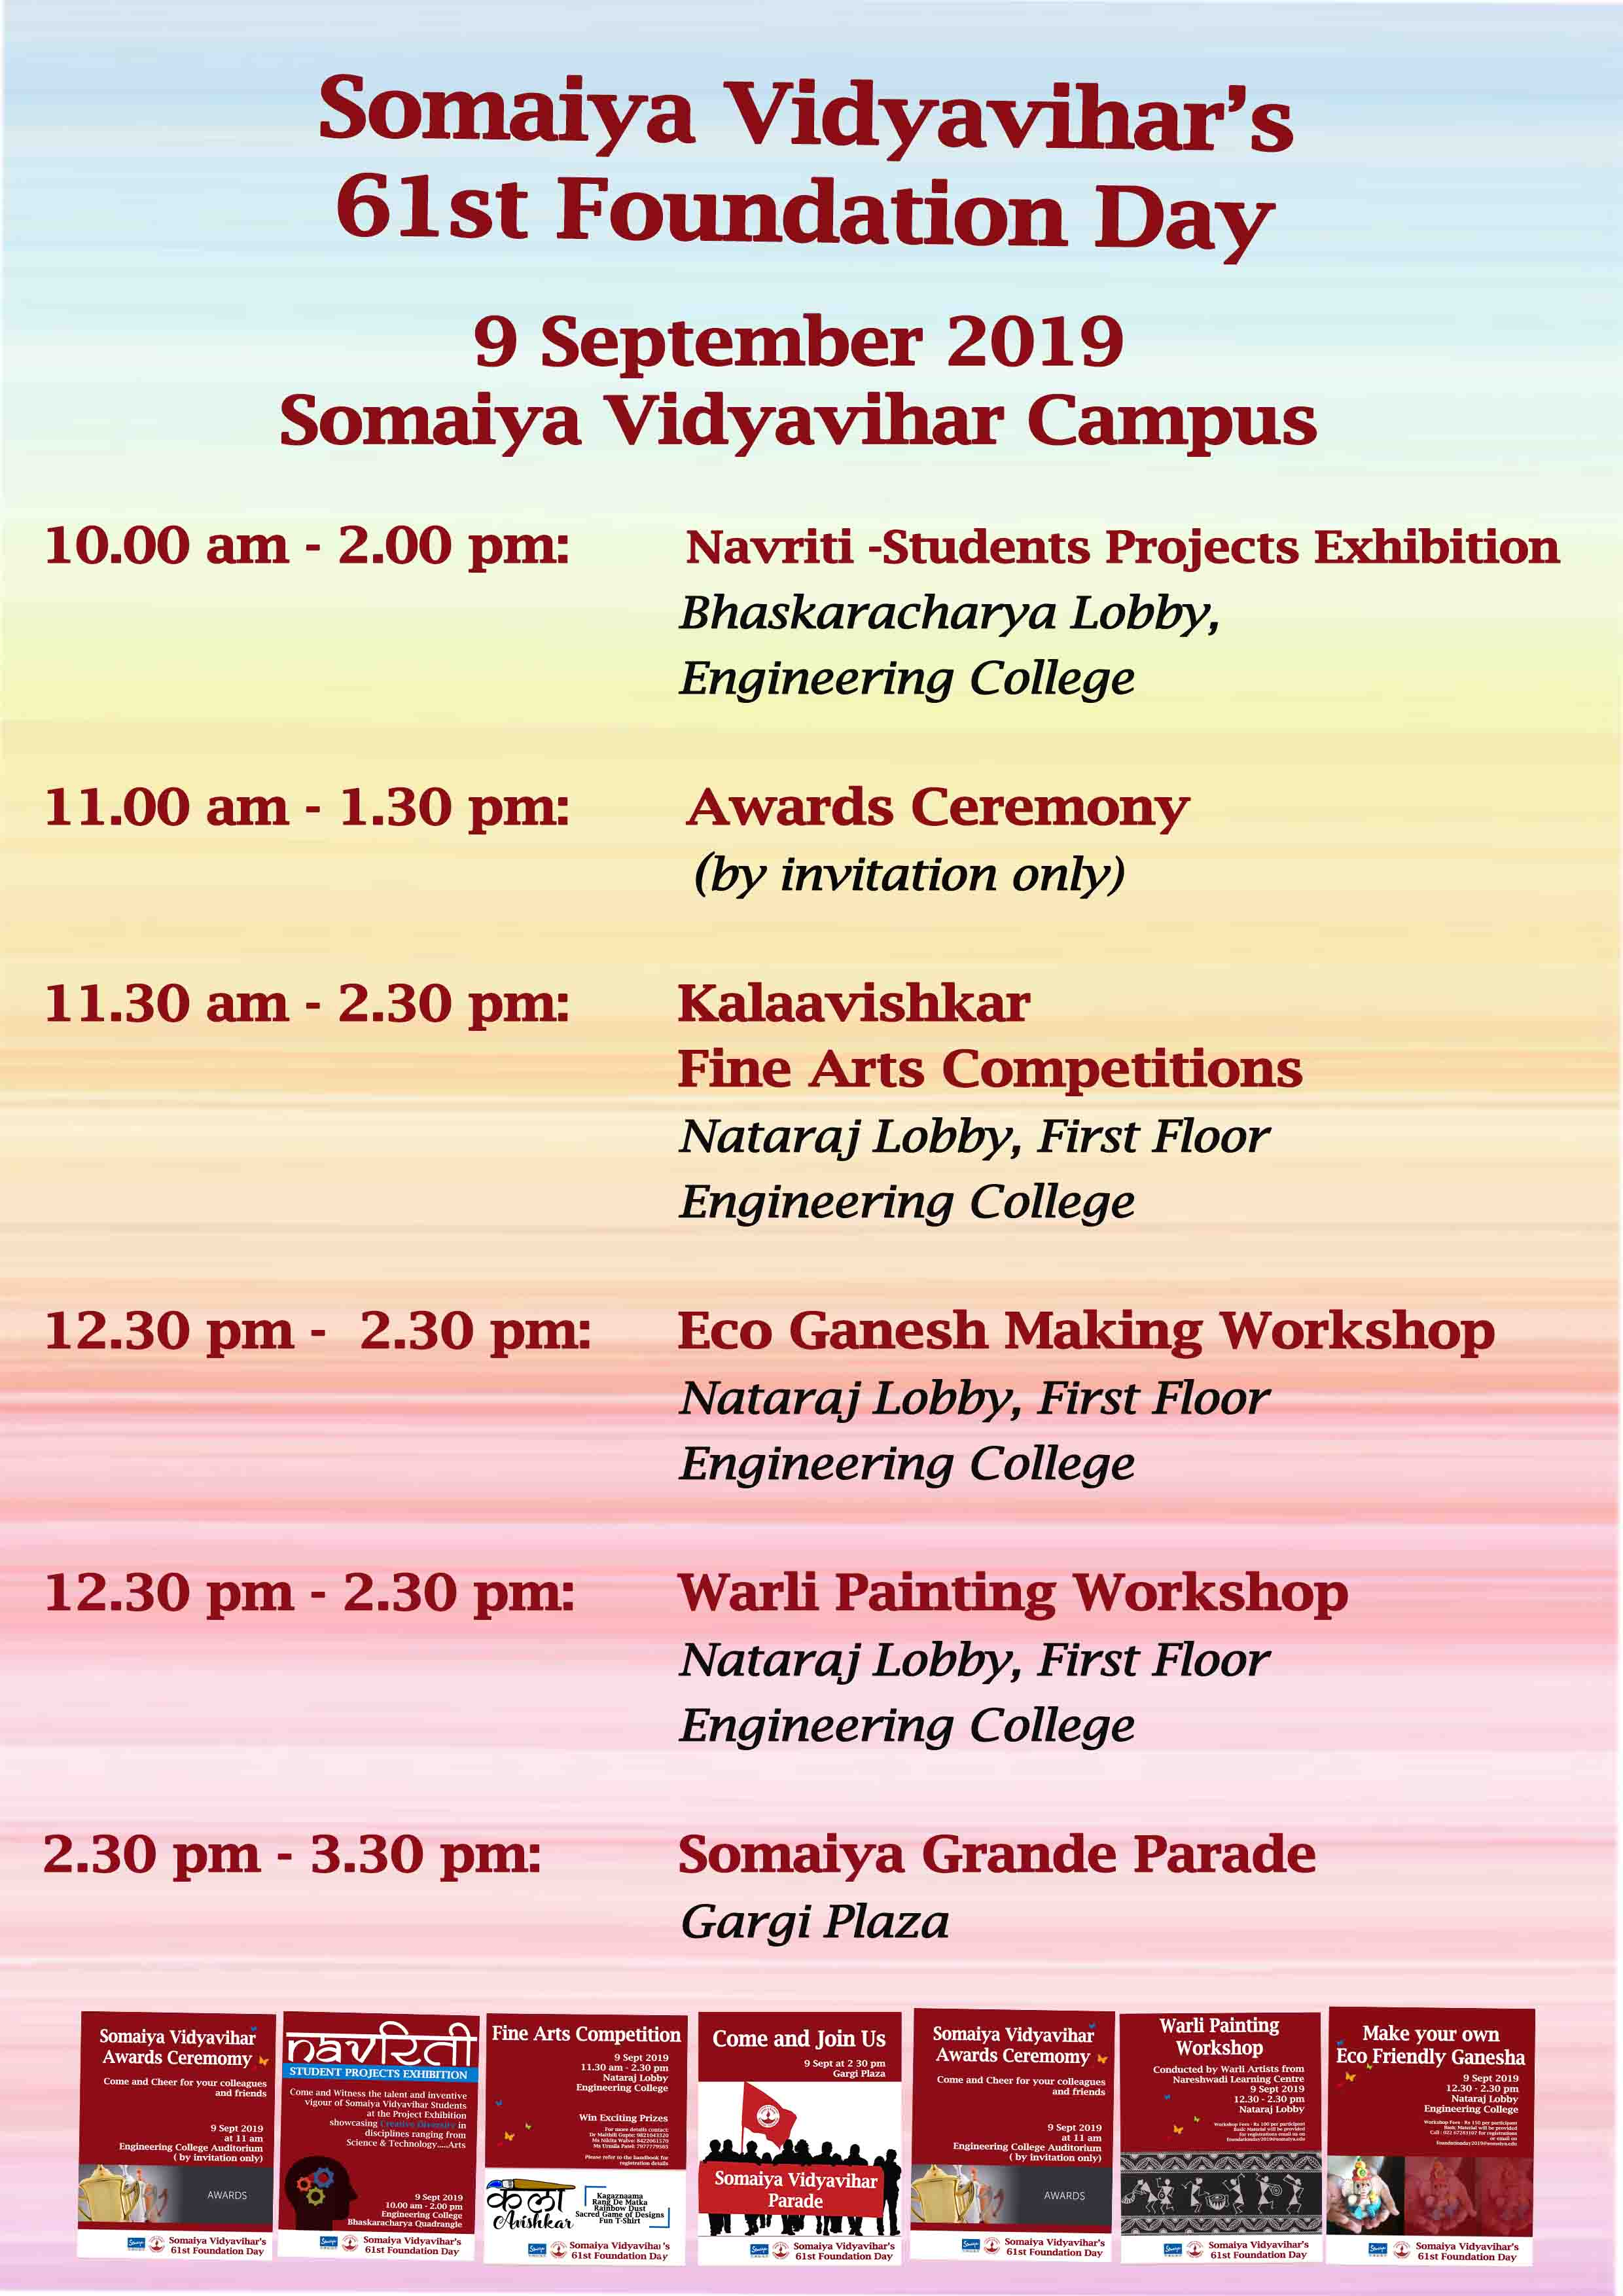 Somaiya Vidyavihar's 61st Foundation Day